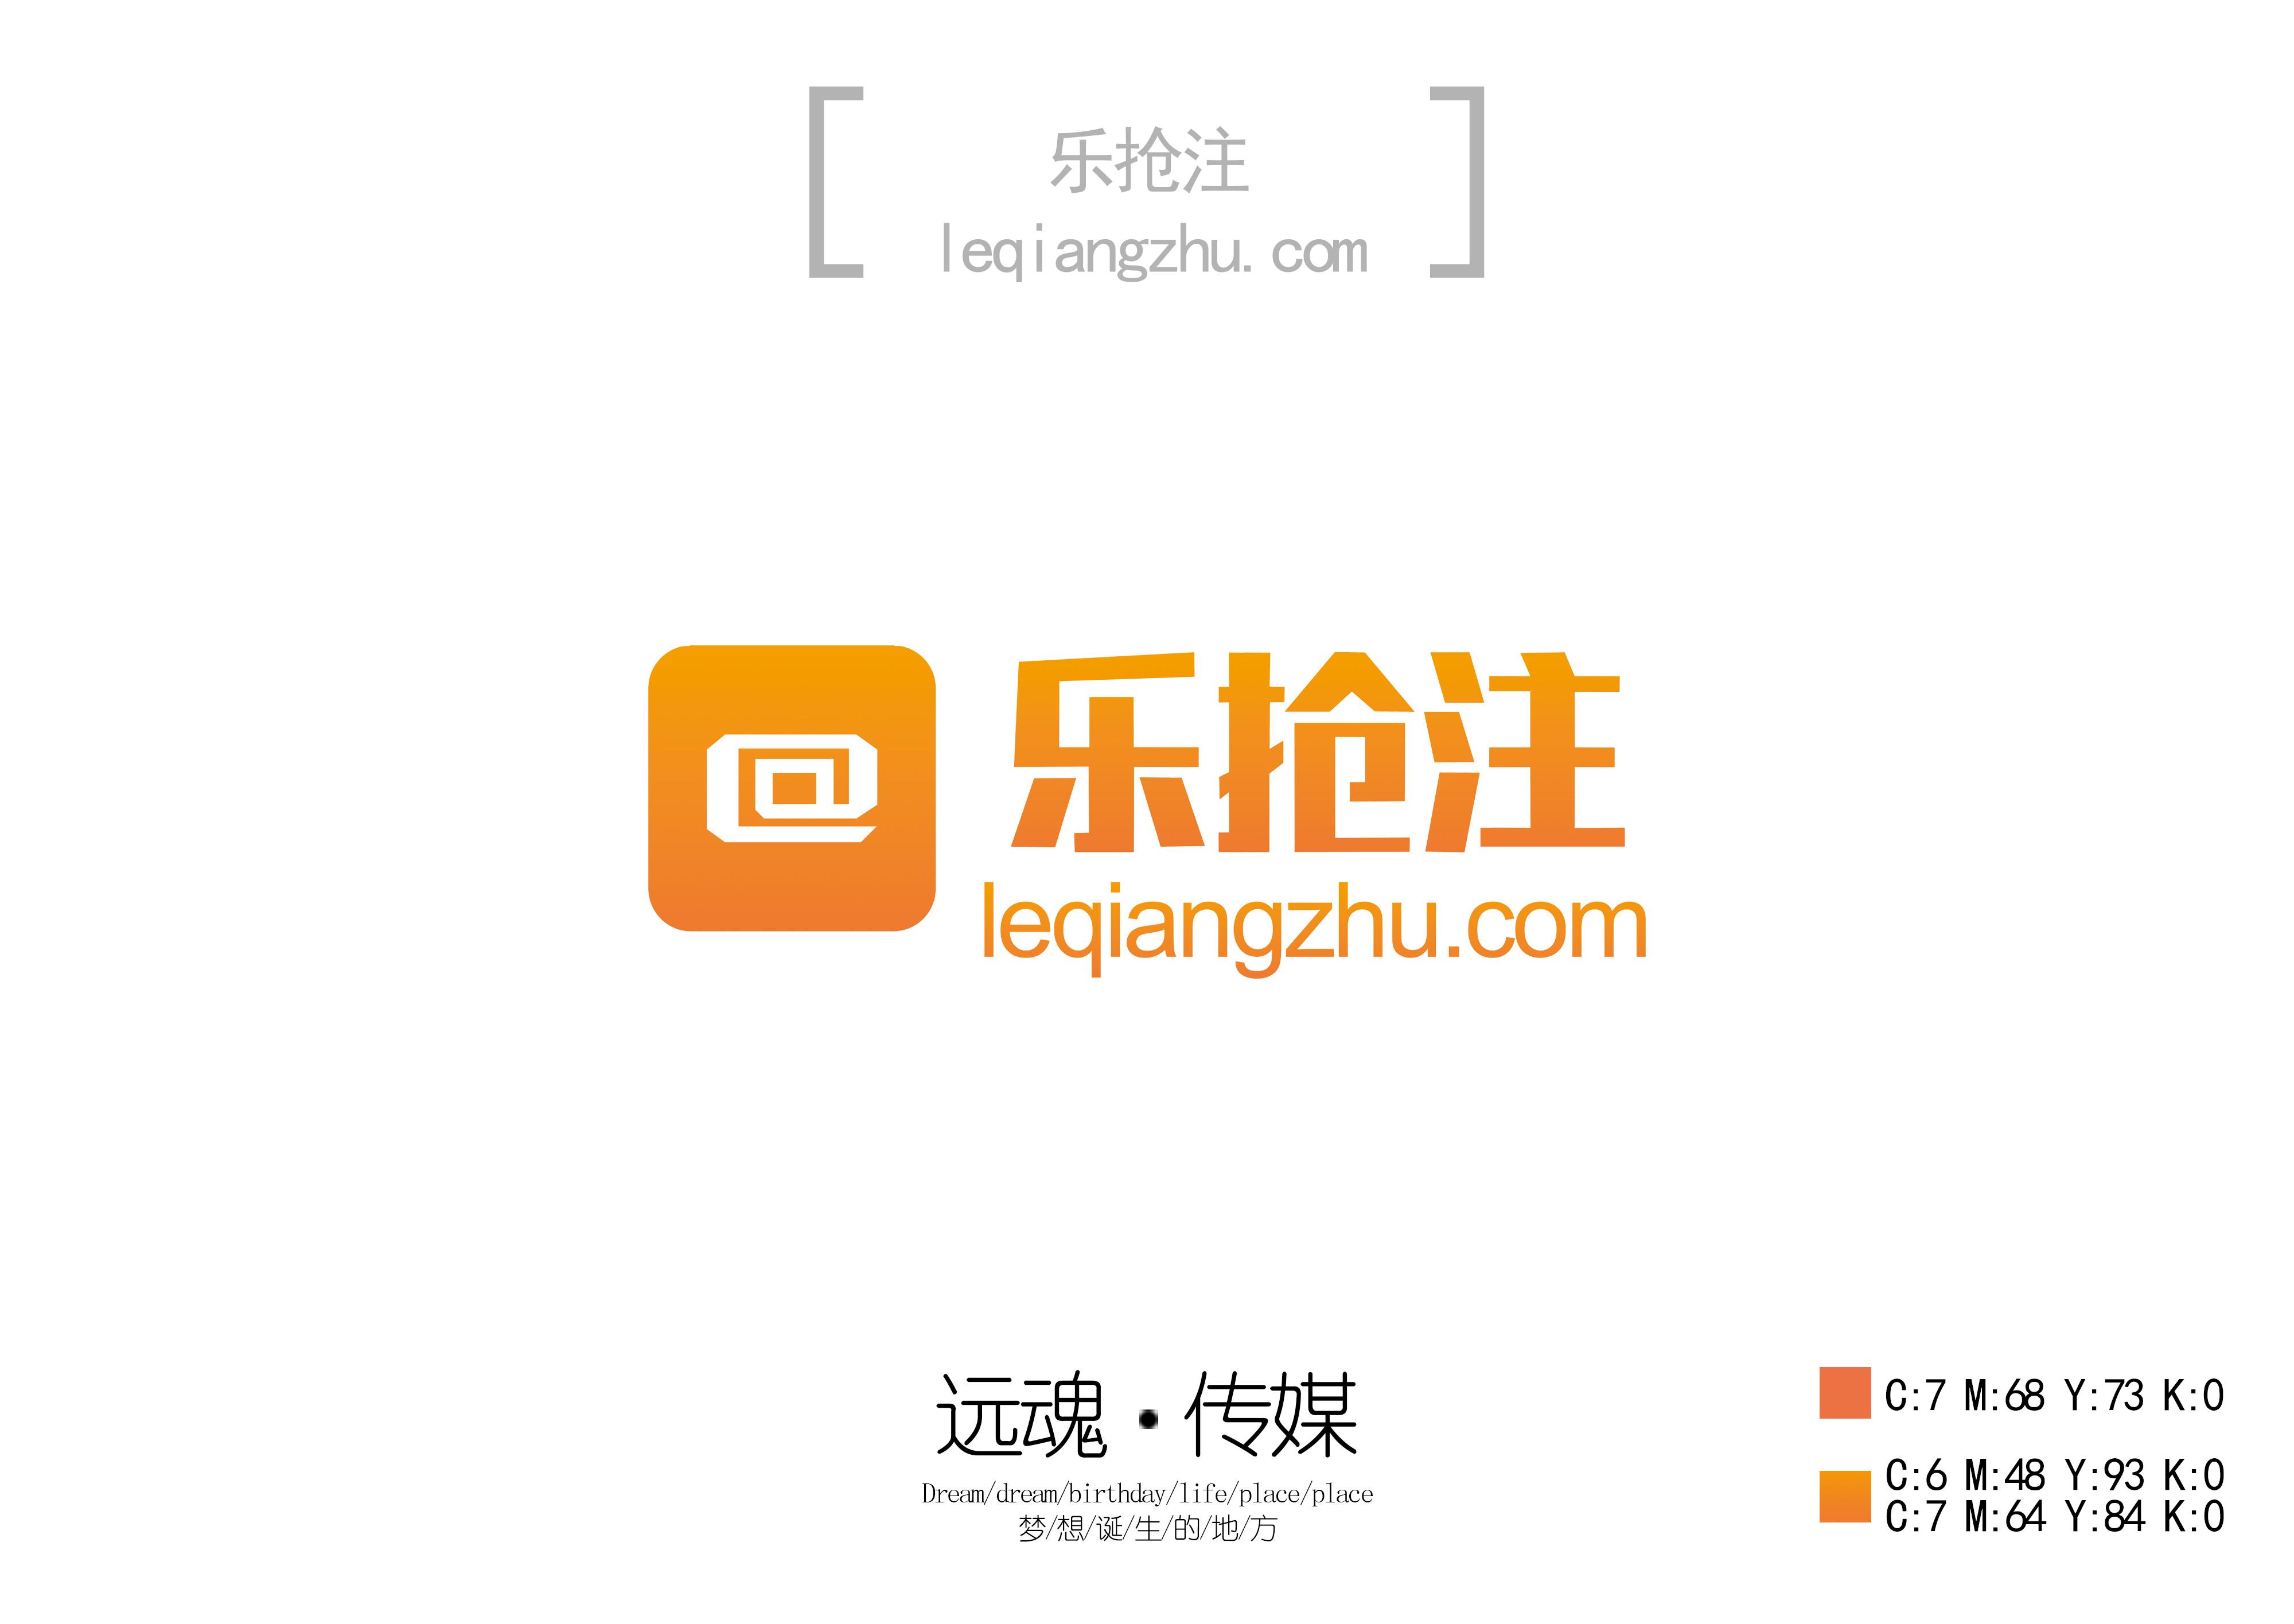 樂搶注網站logo設計